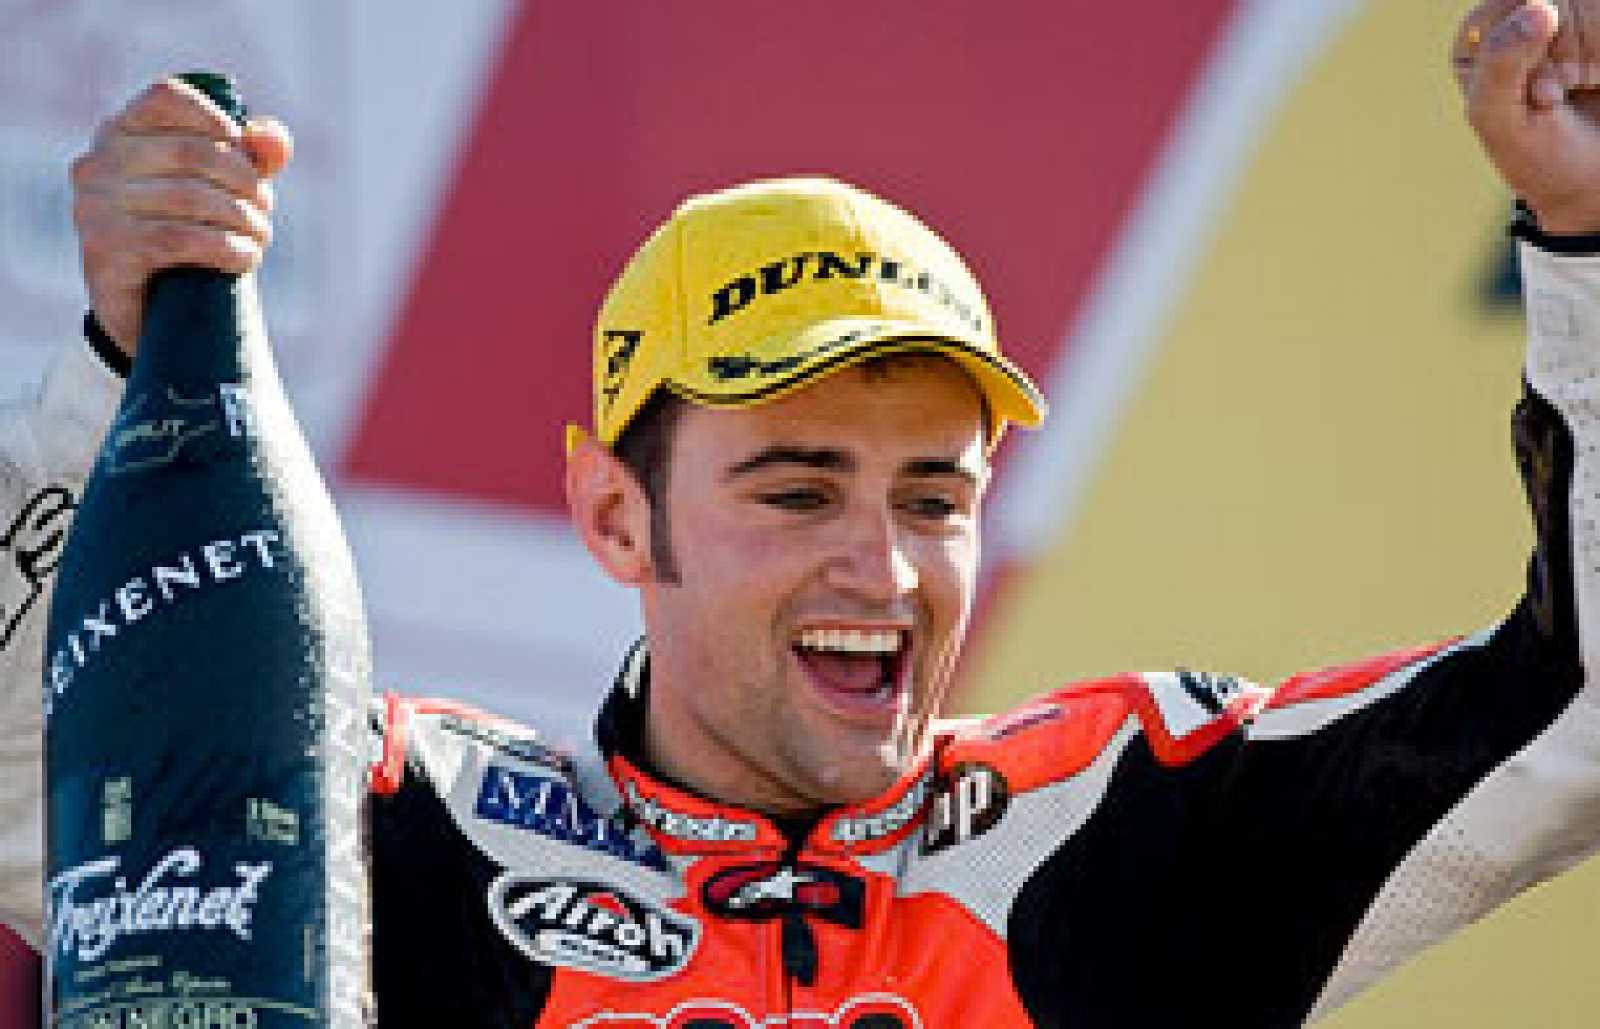 Héctor Barberá se ha impuesto en el GP de Valencia y ha conseguido el subcampeonato en el podio final de la temporada en 250 cc.